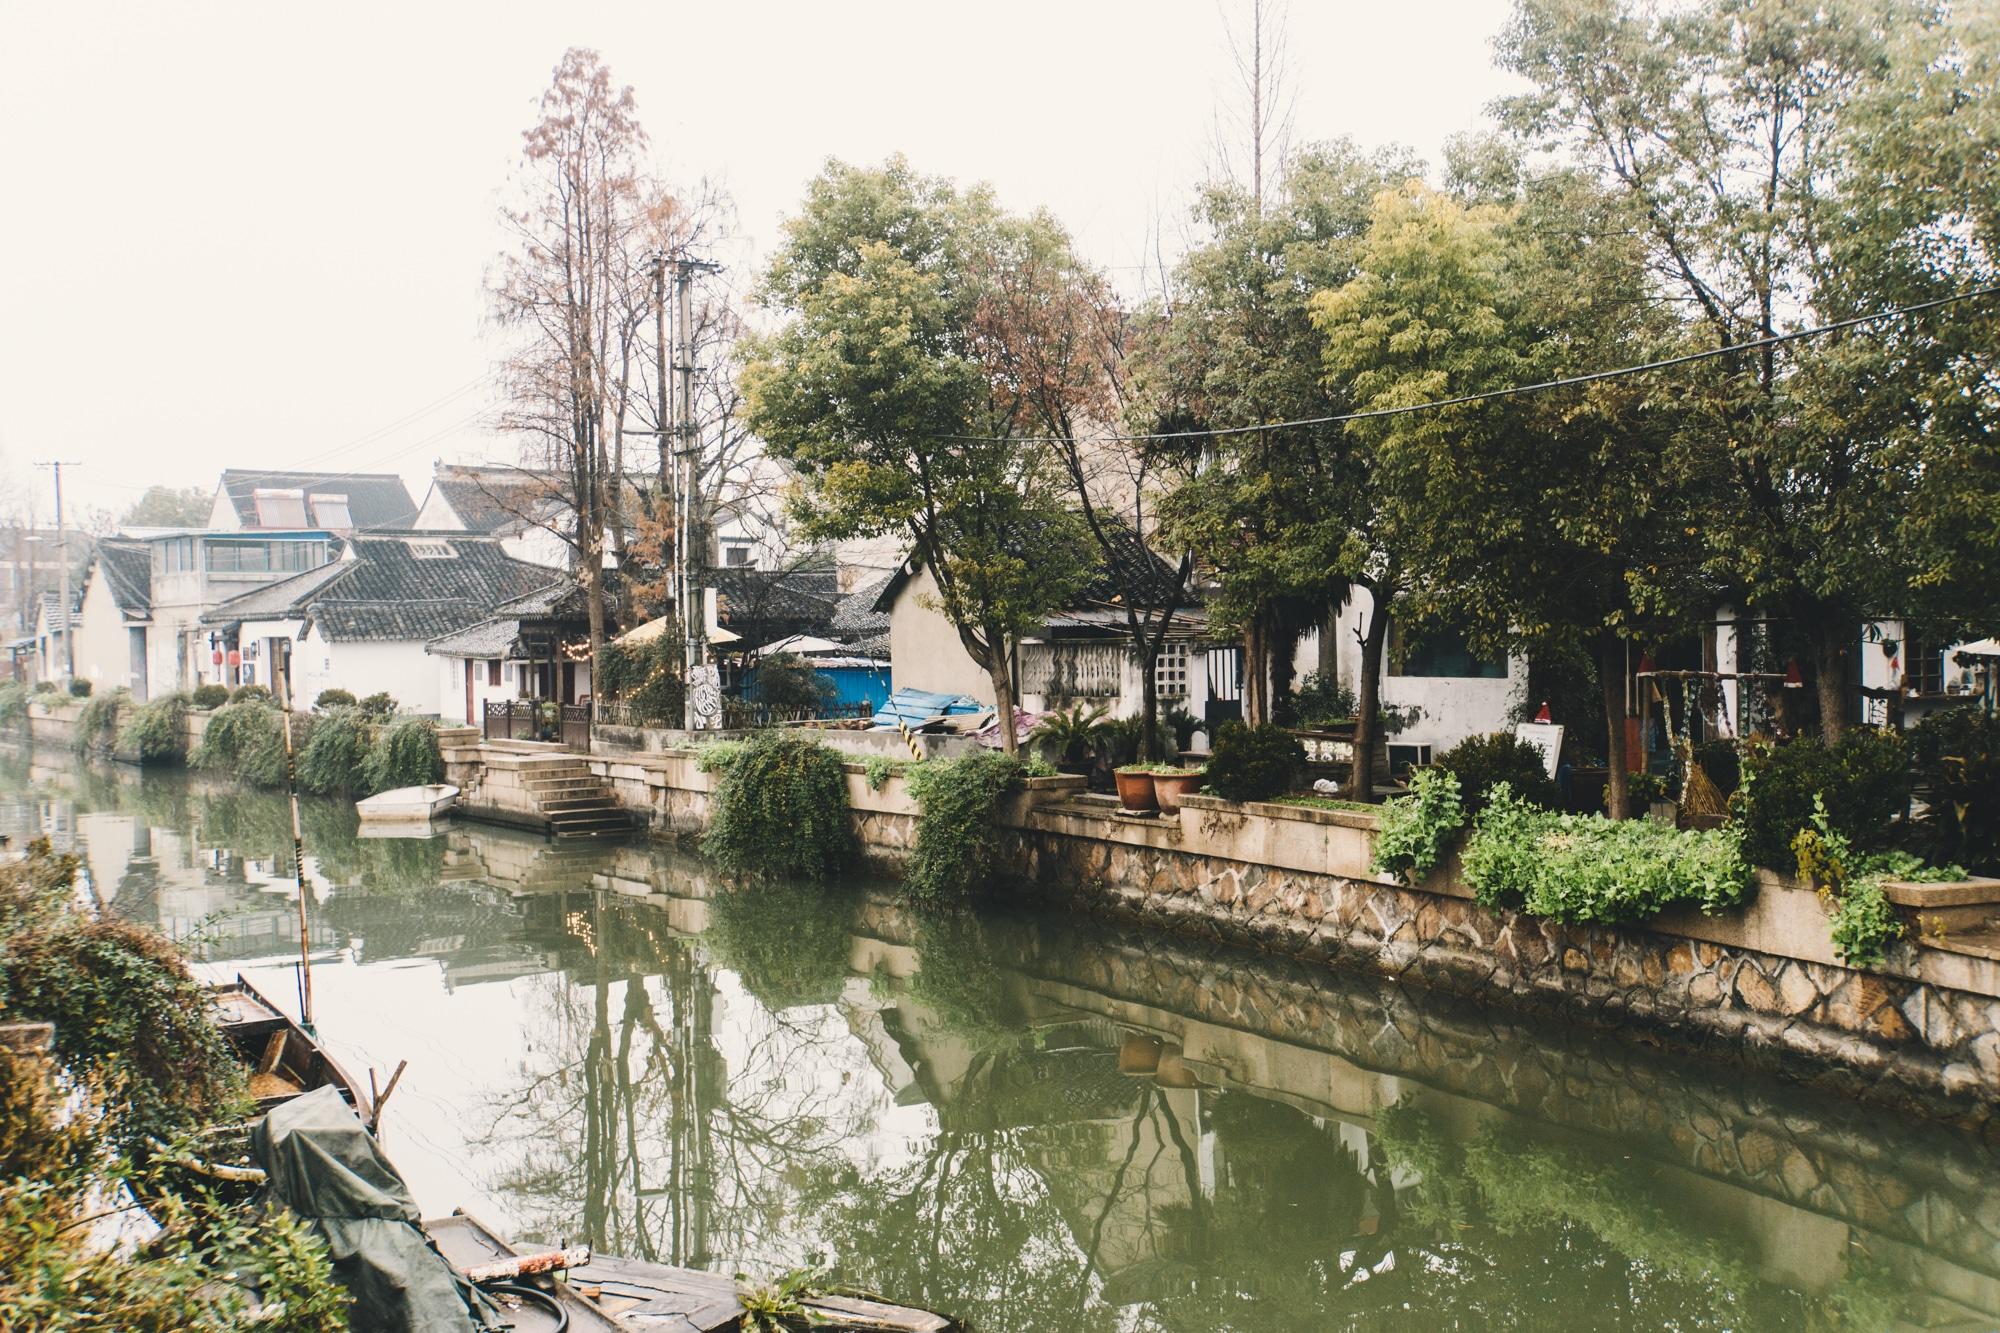 Zhujiajiao Tagesausflug: Tipps für die Wasserstadt bei Shanghai